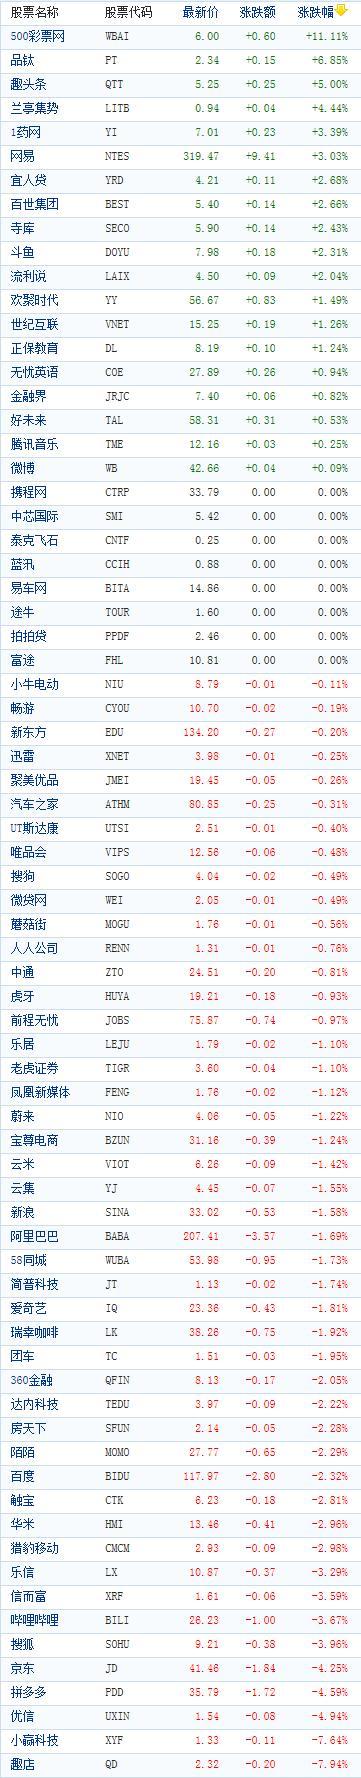 中国概念股周二收盘多数下跌 500彩票网逆势大涨逾11%